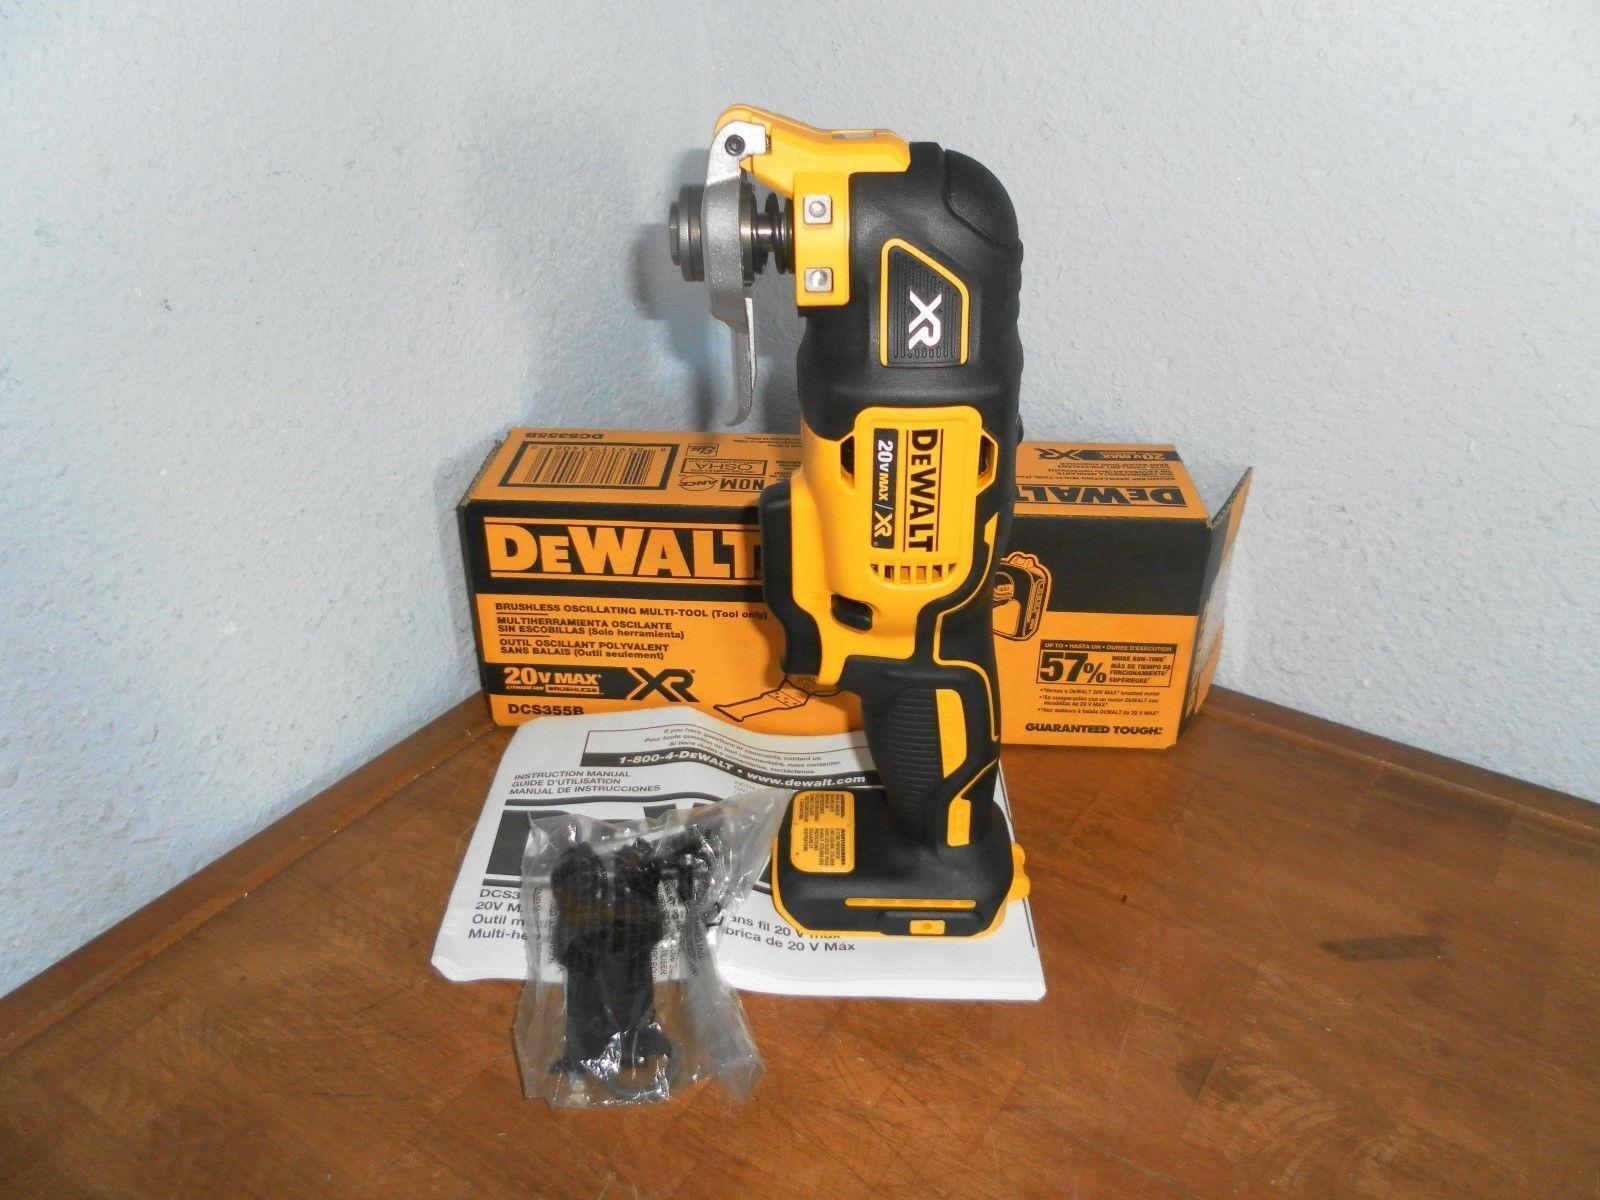 DeWalt DCS355B 20V XR Brushless Oscillating Multi-Tool (Tool Only) NEW